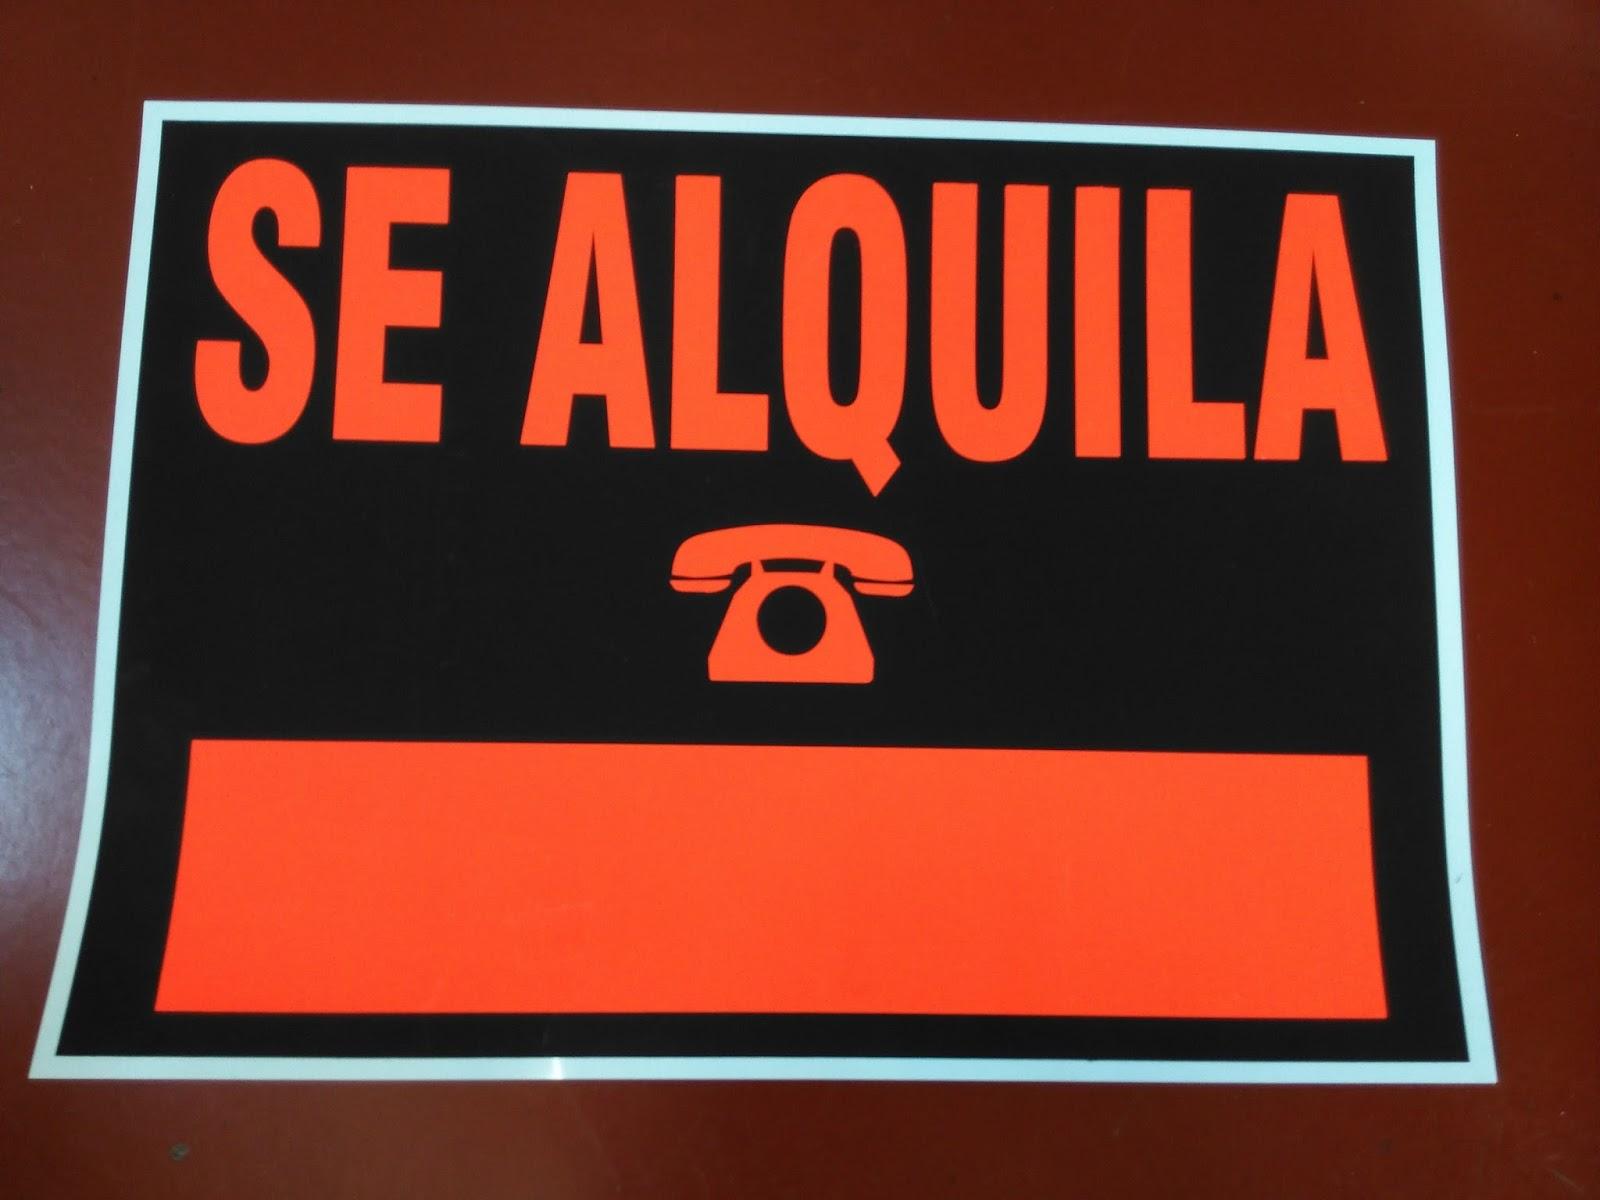 Fotocopias baratas carteles se vende se alquila baratos - Alquiler de pisos baratos en madrid por particulares ...